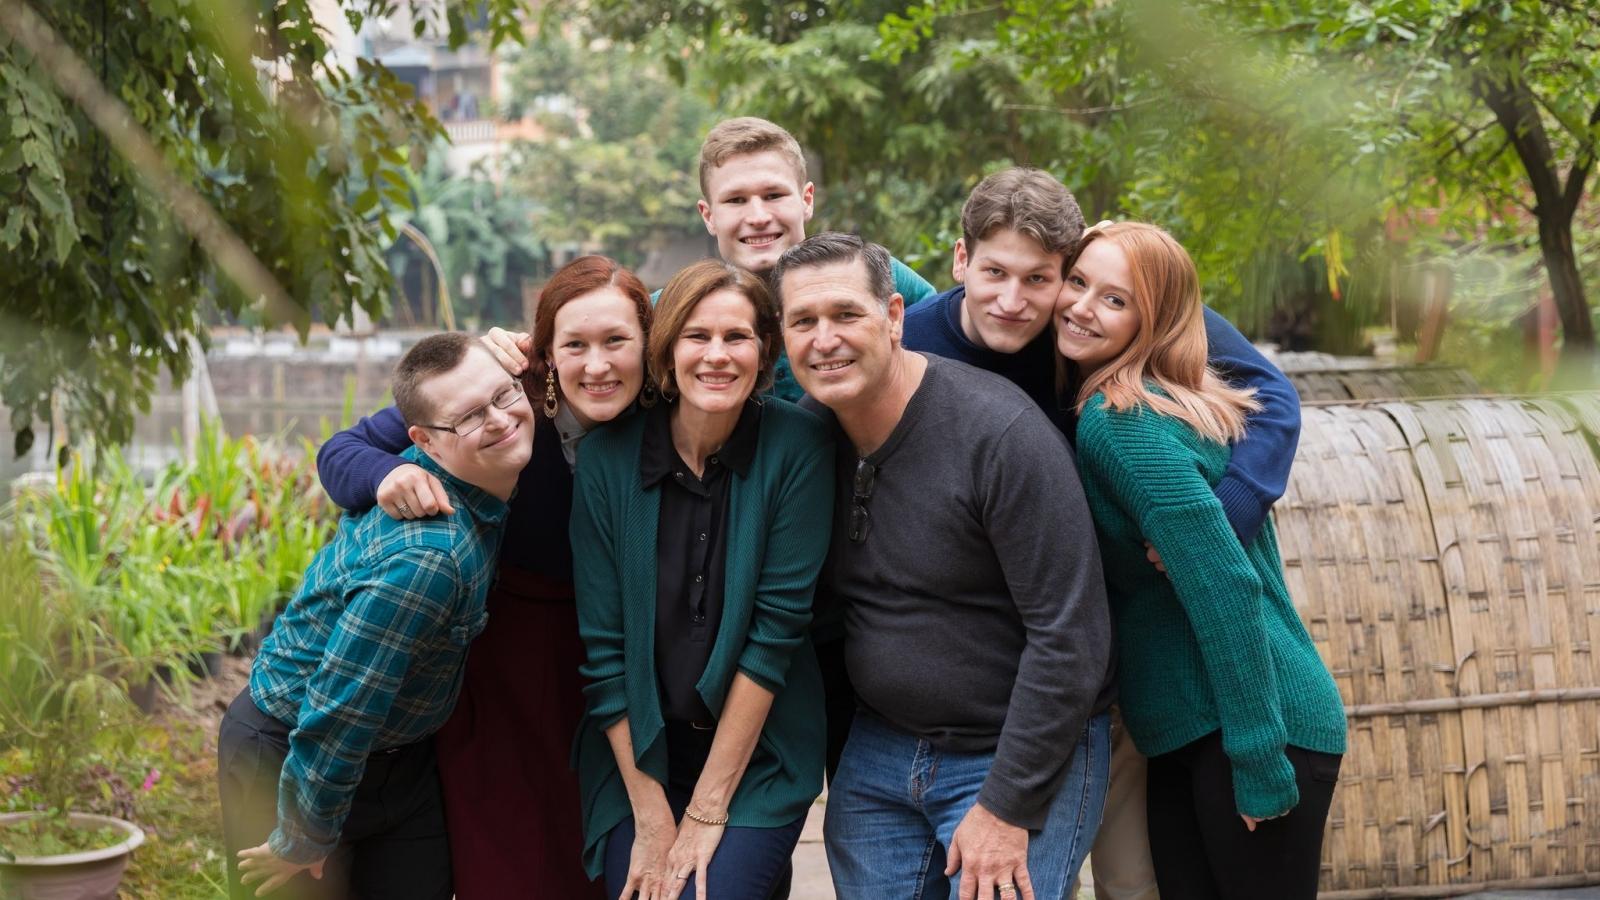 Imago Work và câu chuyện về một gia đình người Mỹ ở Hà Nội